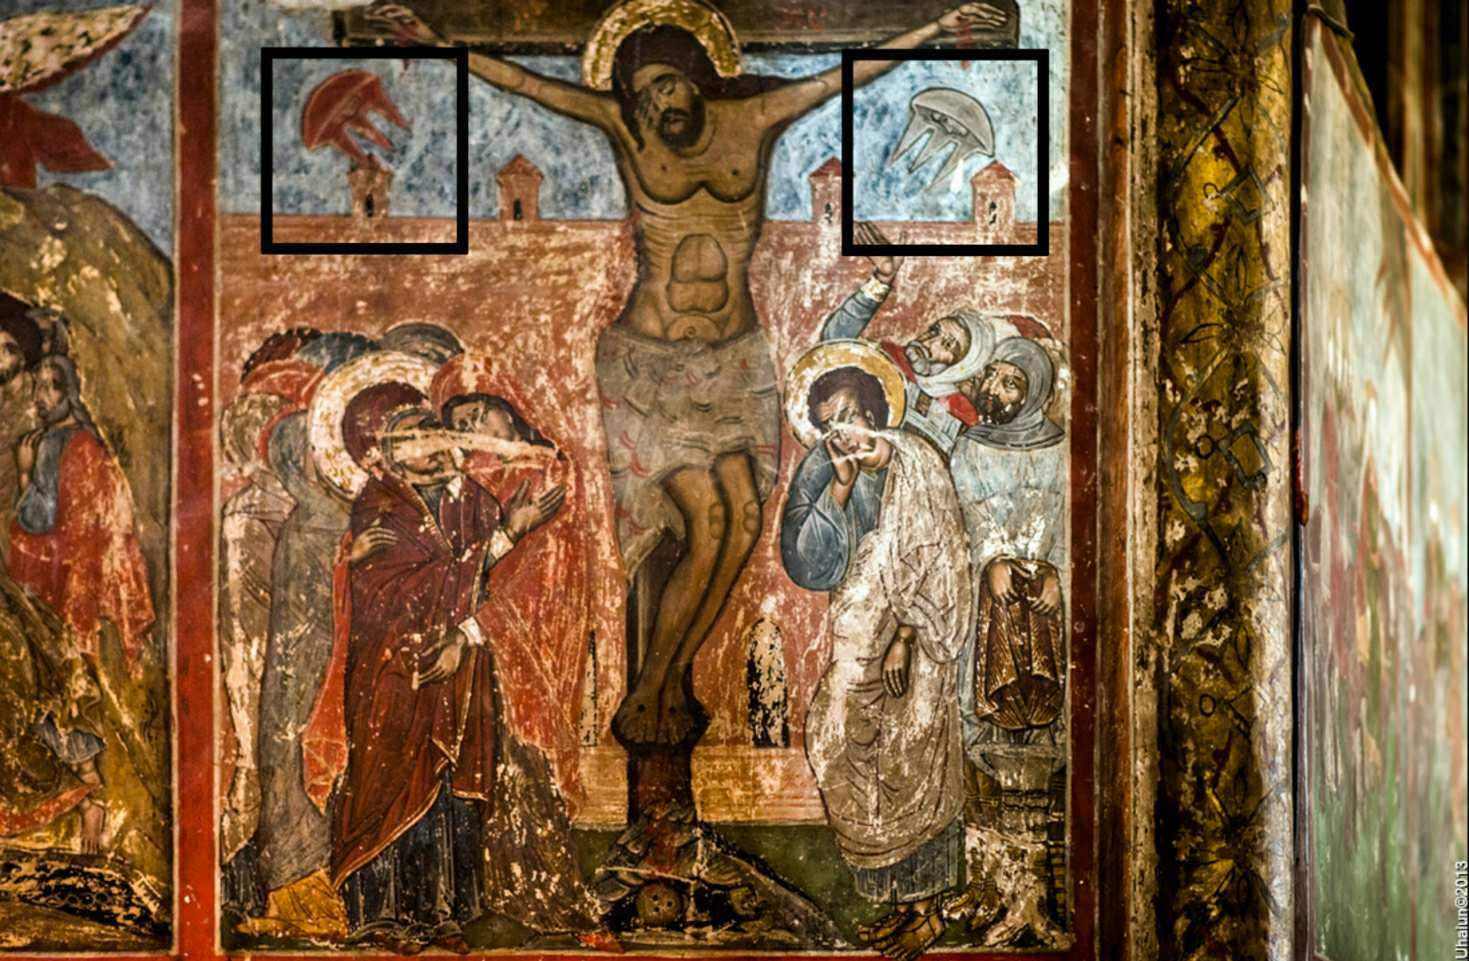 Η τοιχογραφία σταύρωσης από τον καθεδρικό ναό Svetitskhoveli, Mtskheta, Γεωργία